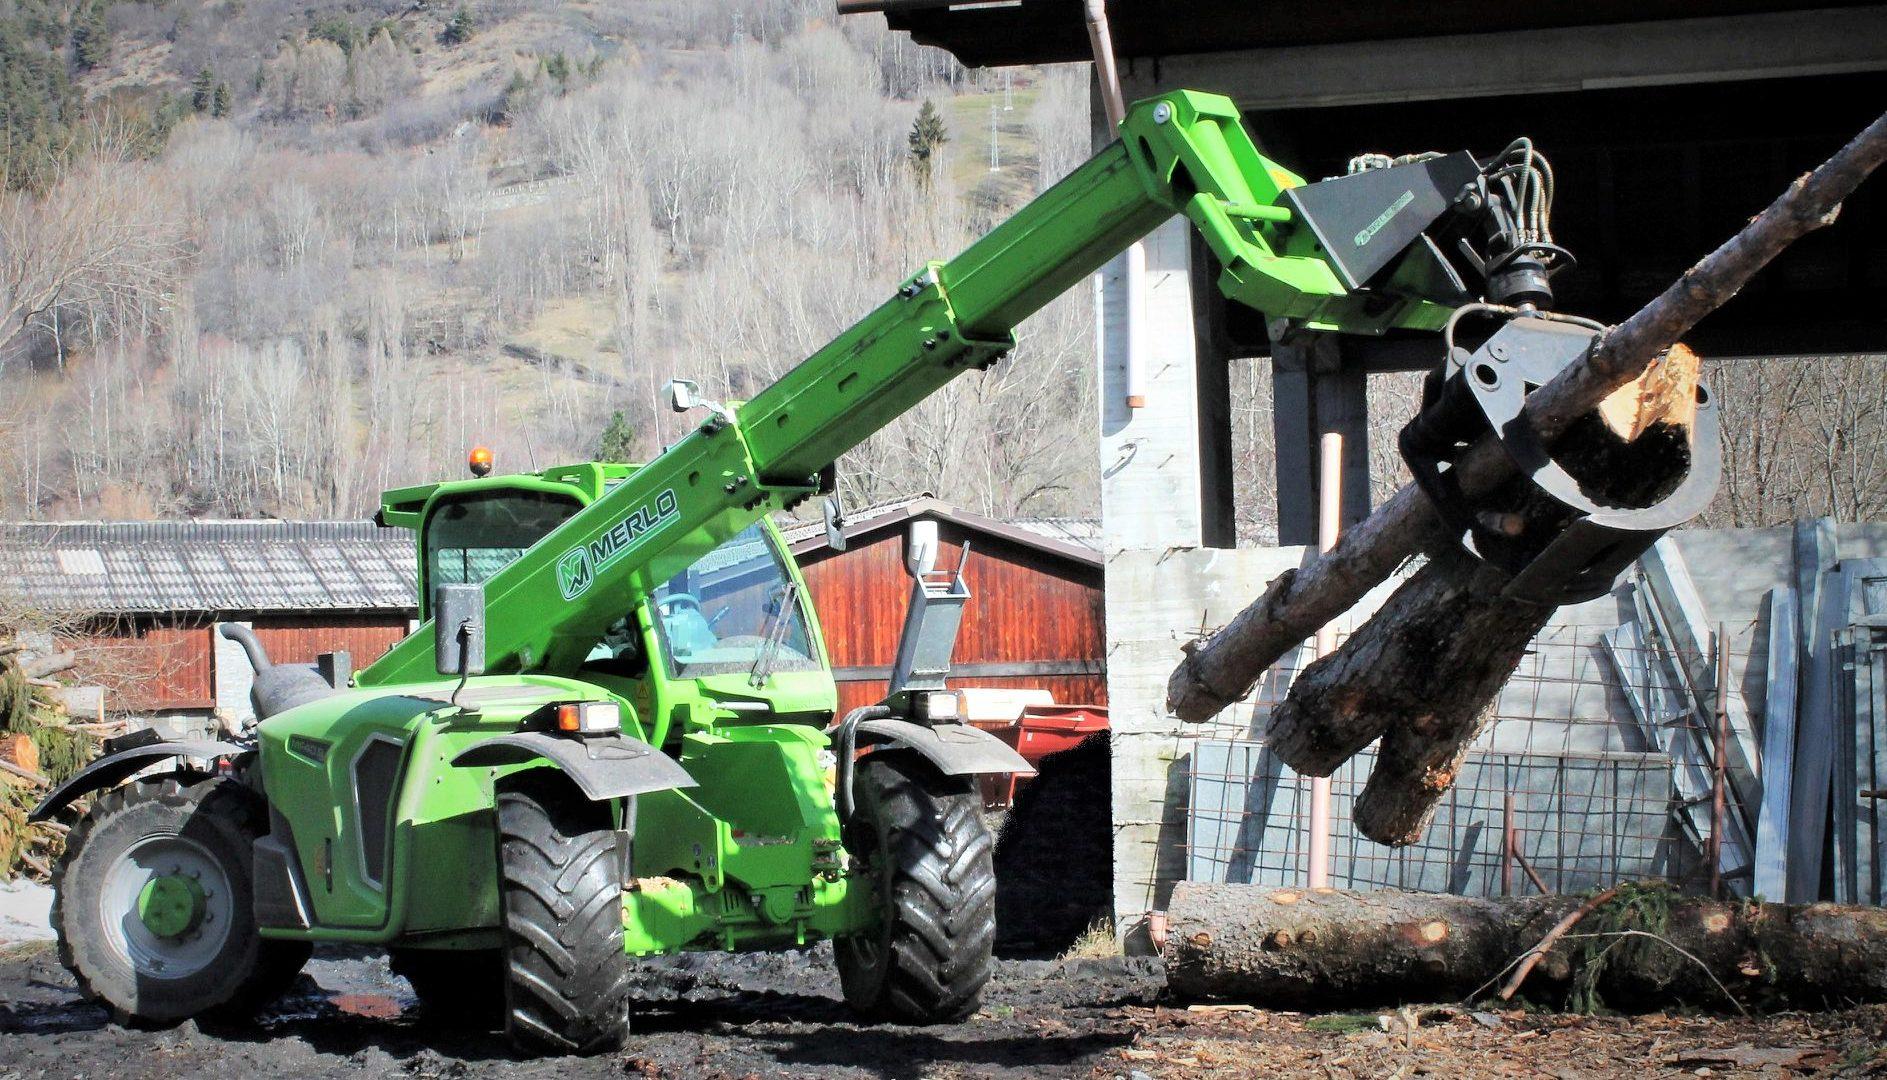 Il settore forestale è fra i più frequenti per il Merlo MF40.9 CS sia con argani posteriori, sia con pinze da legna che sfruttano la capacità di sollevamento della macchina.